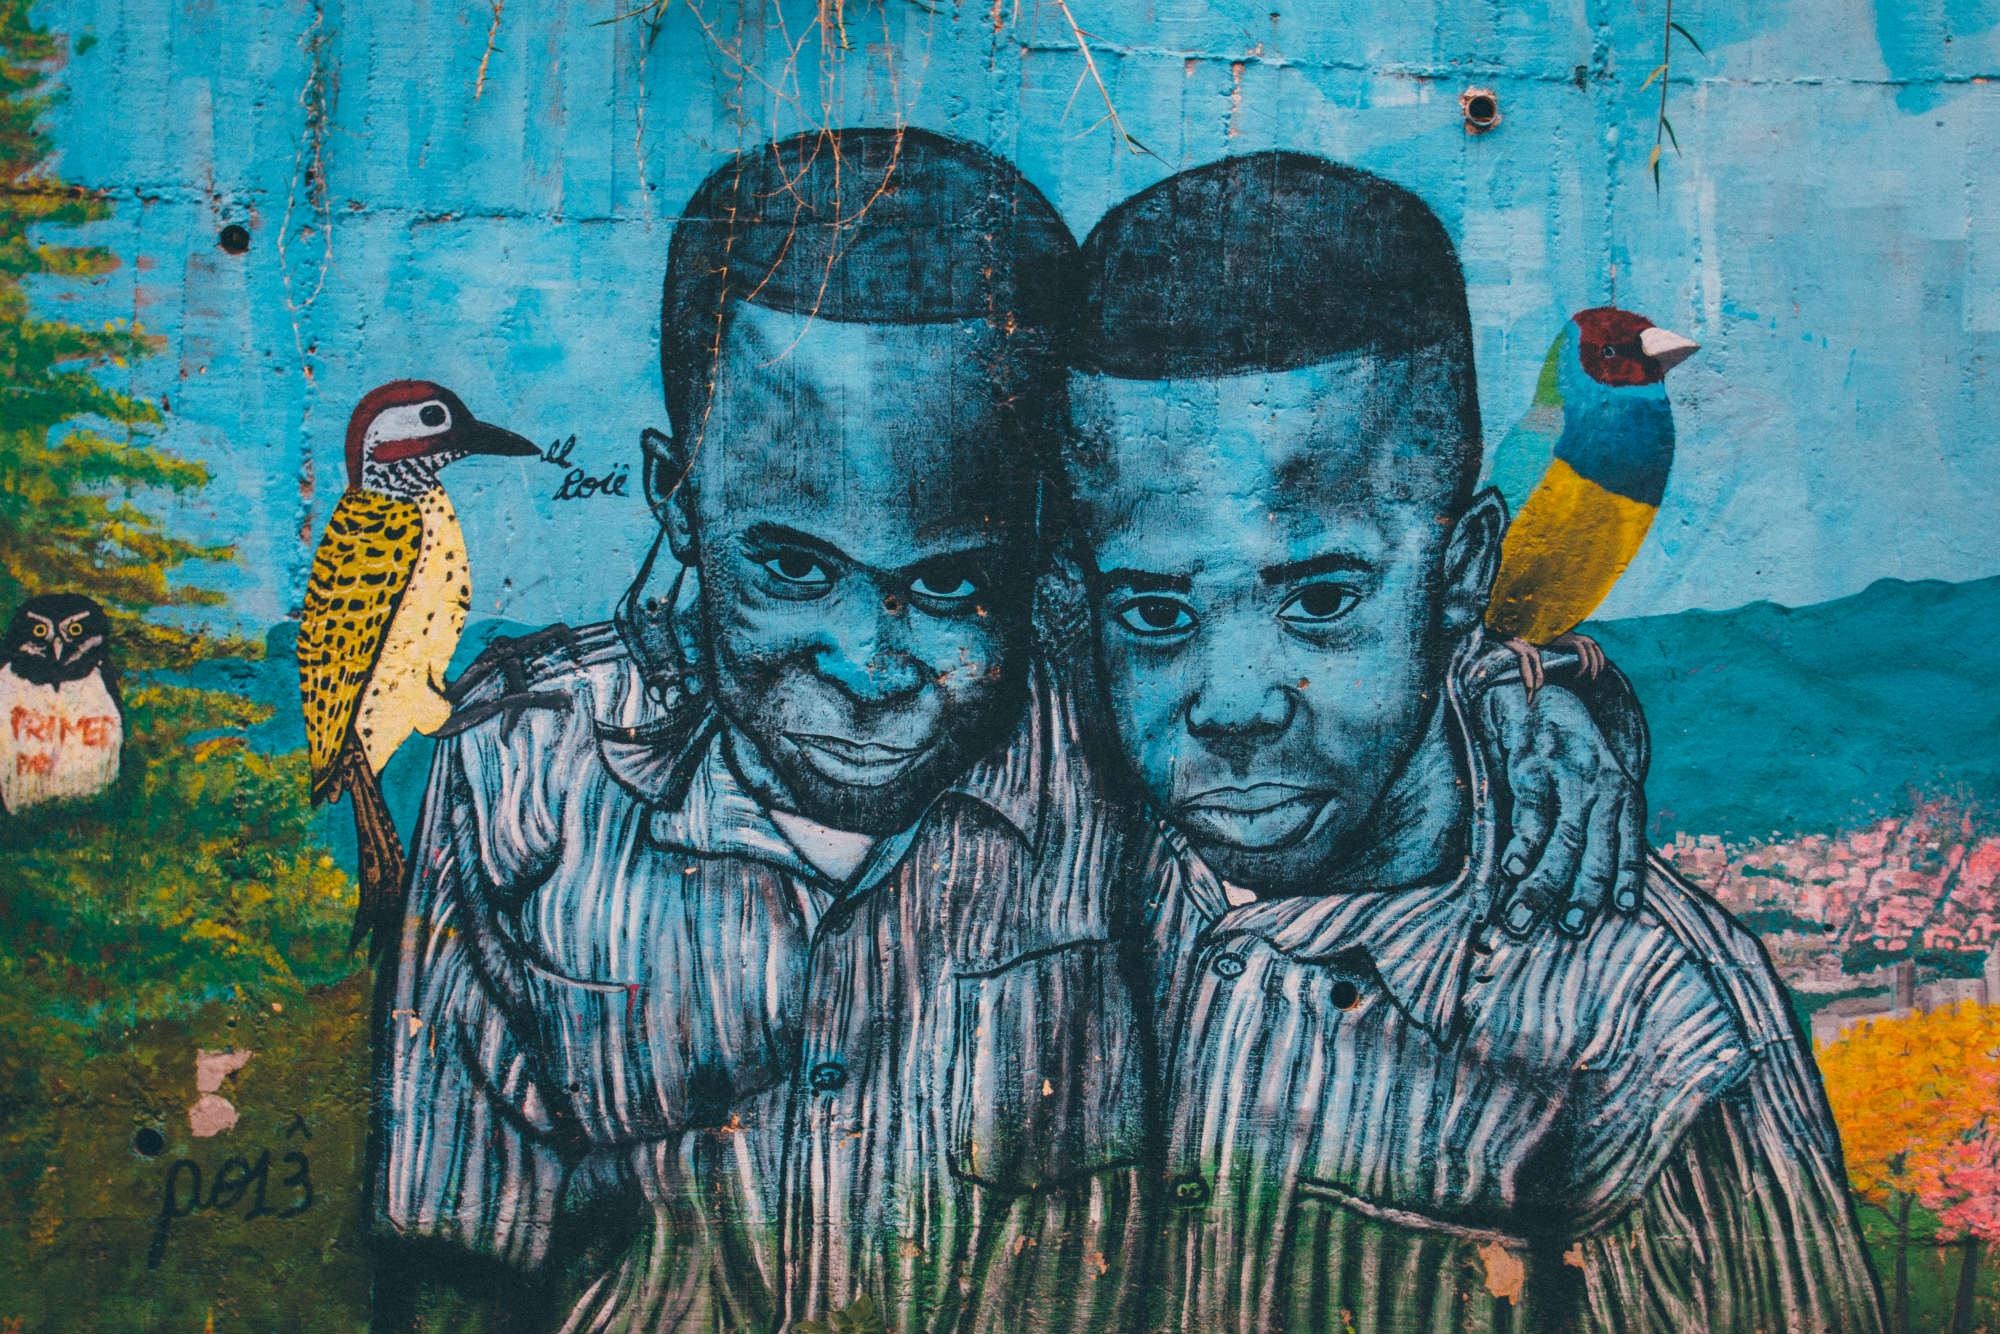 Este grafiti se ha mantenido a lo largo del tiempo y su autor es todavía un misterio en la zona.